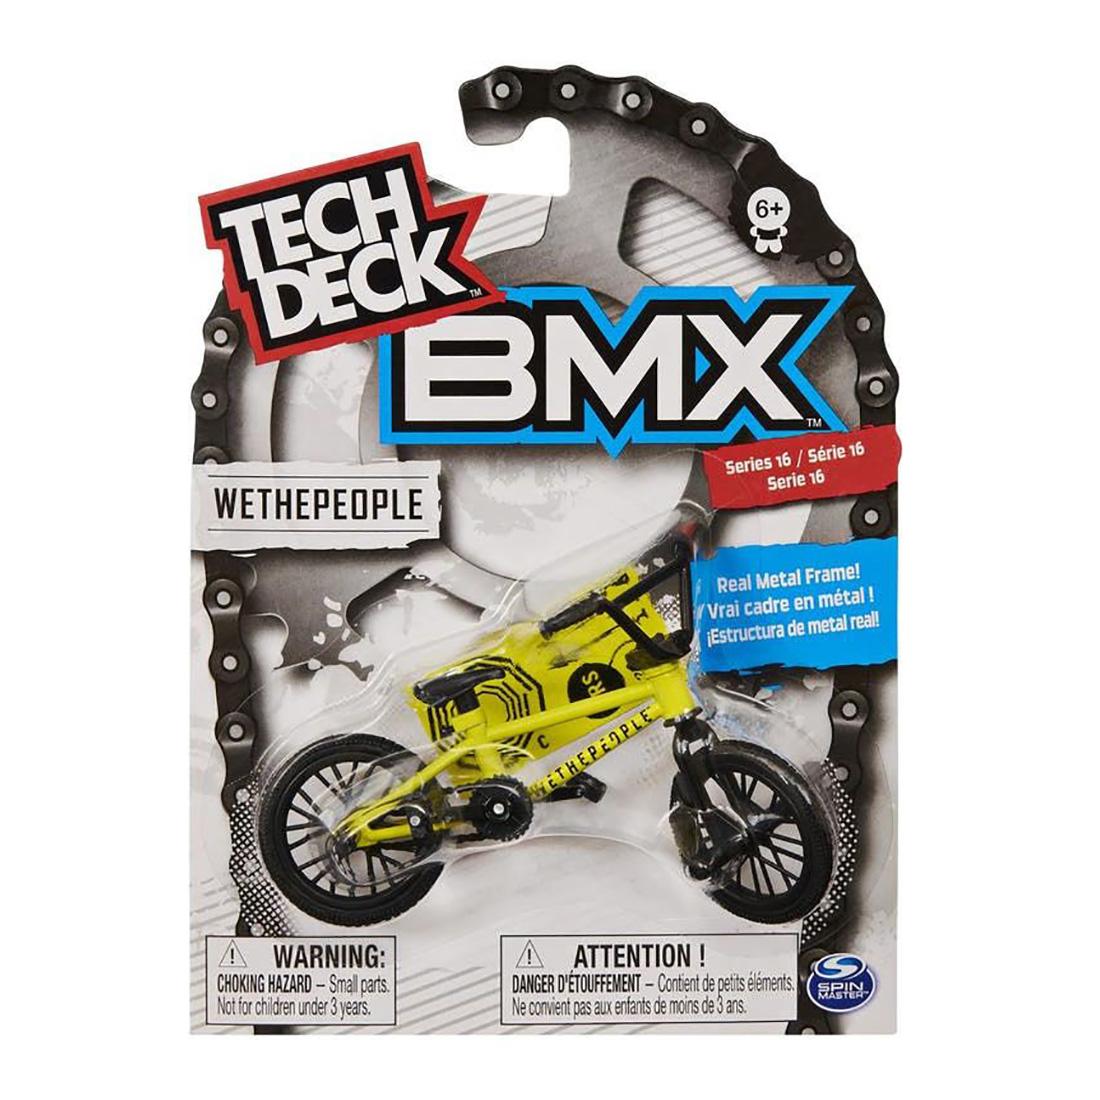 Mini BMX bike, Tech Deck, 16 SE, 20123472